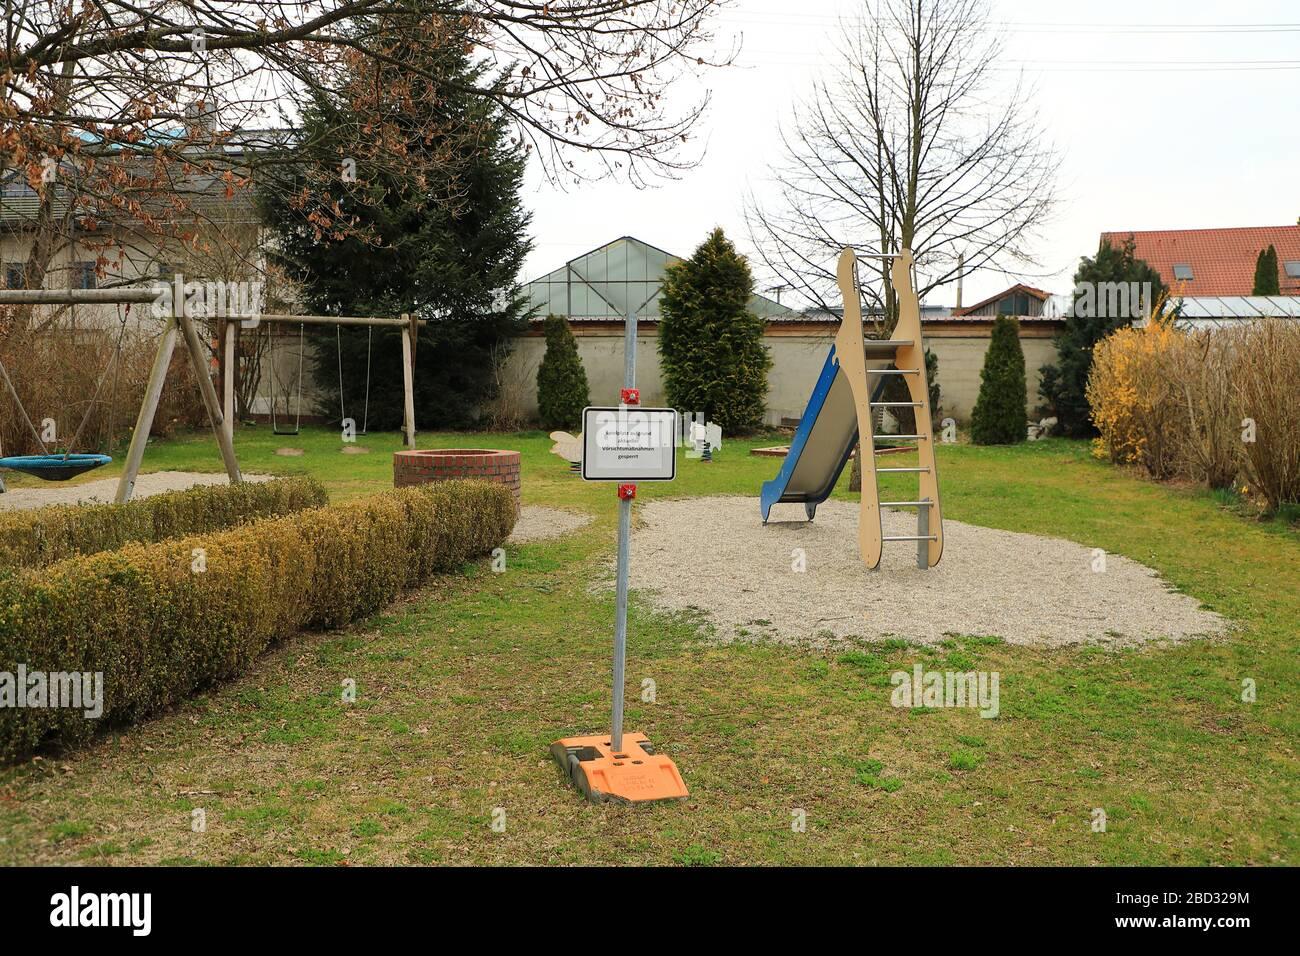 Geschlossener Spielplatz in einem kleinen Dorf Stockfoto